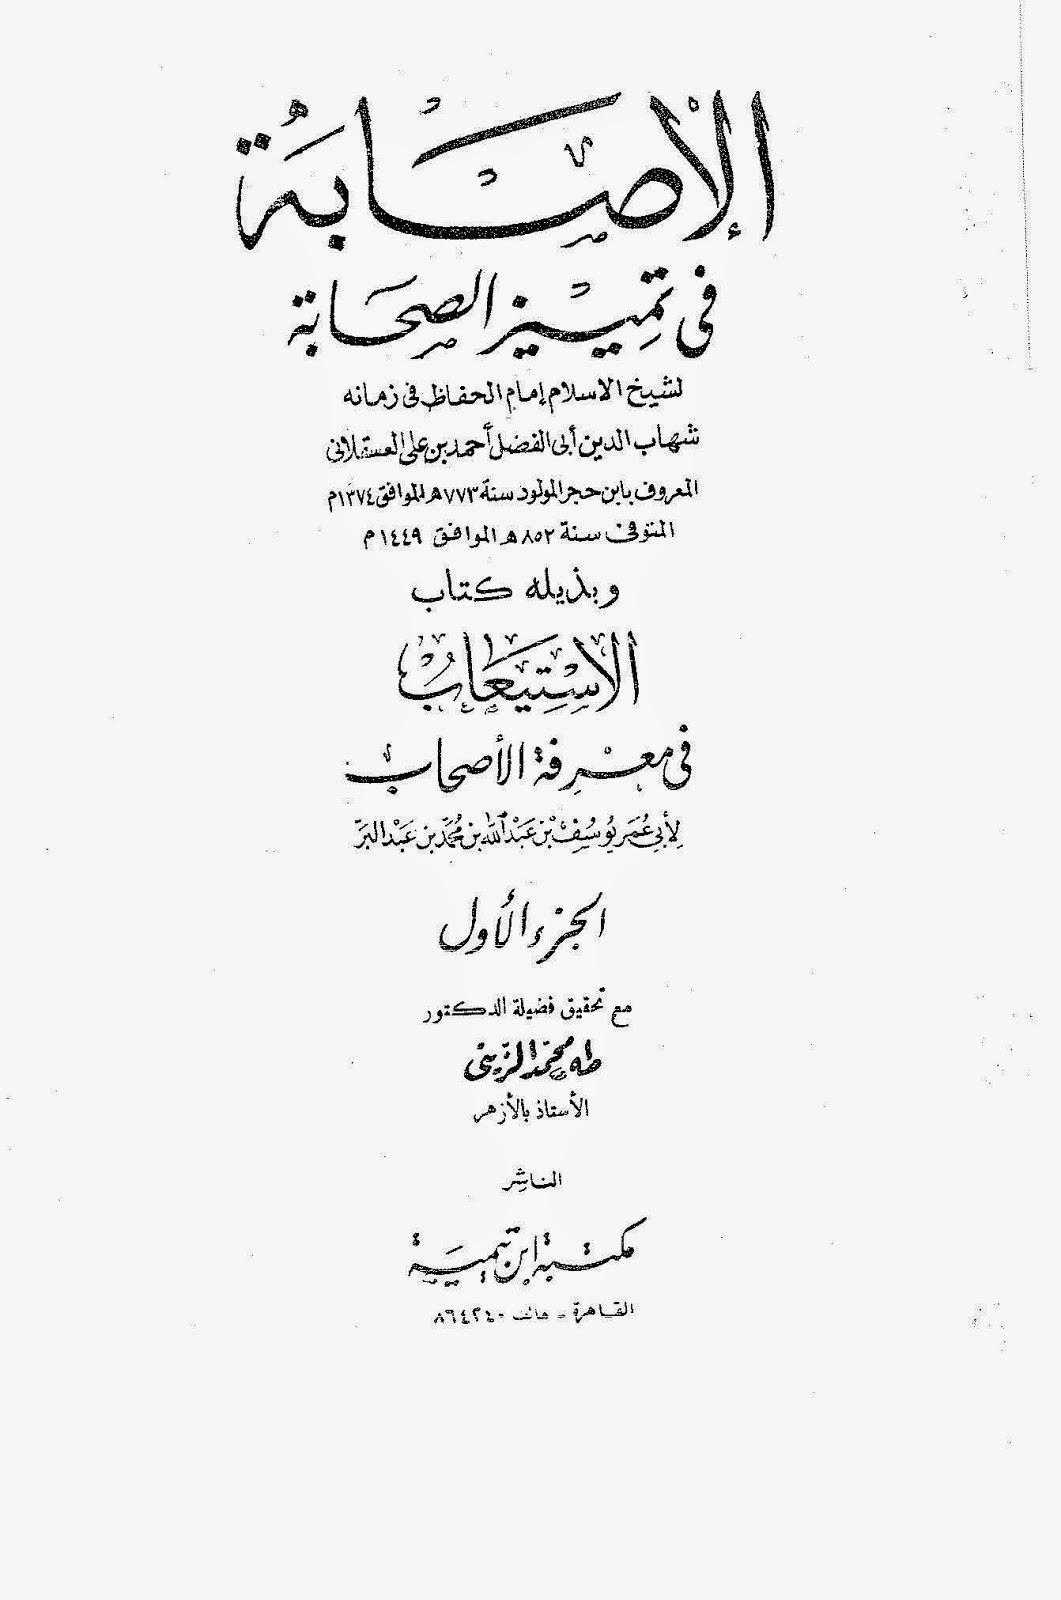 الإصابة في تمييز الصحابة لابن حجر العسقلاني وبذيله الاستيعاب في معرفة الأصحاب لابن عبد البر